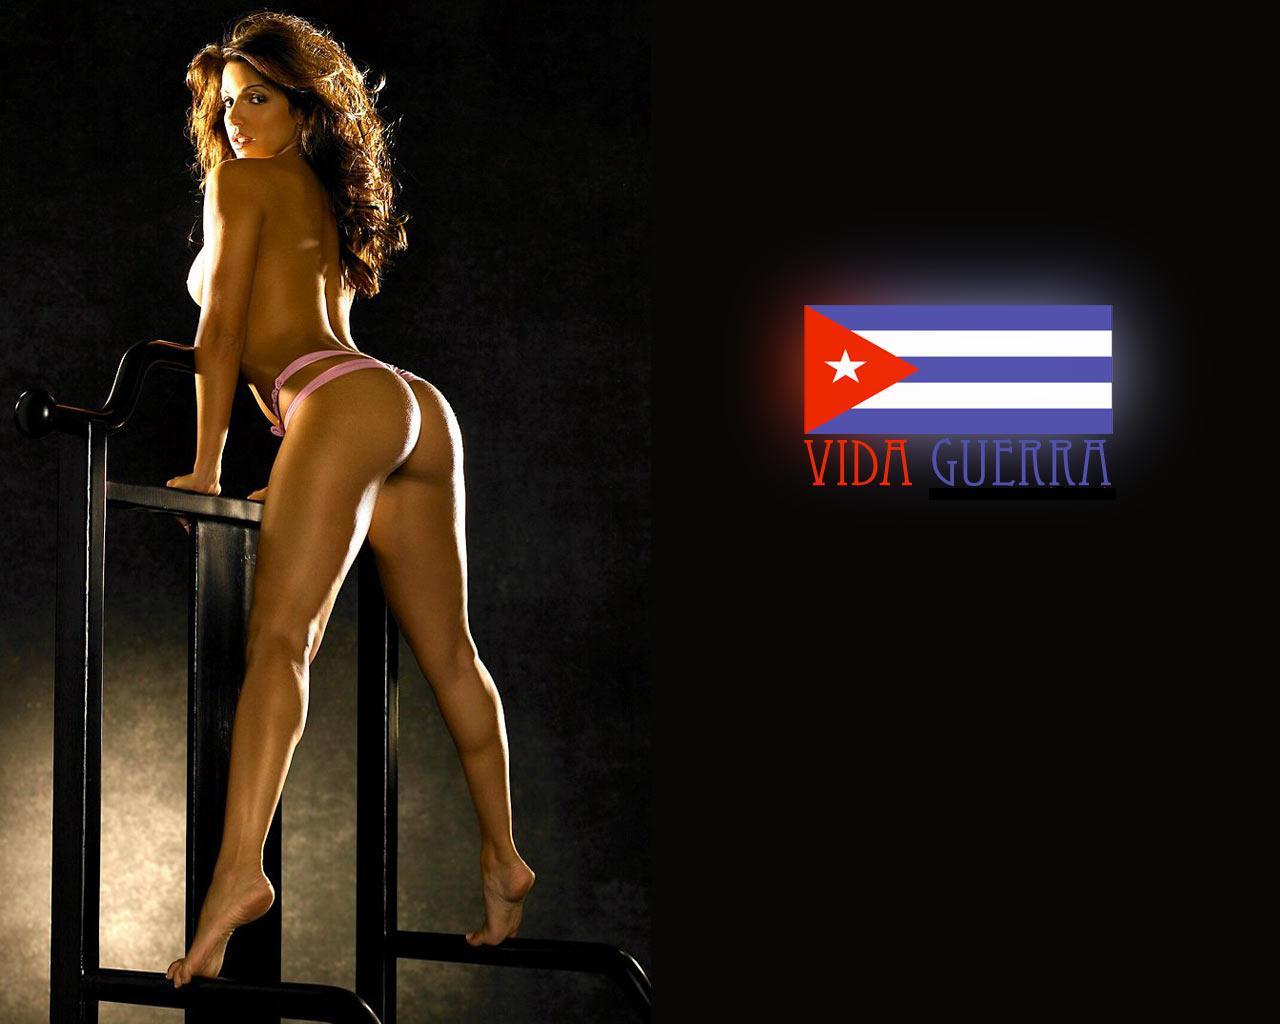 Секс-символ латинской Америки топ-модель Вида Гуэрра (Vida Guerra